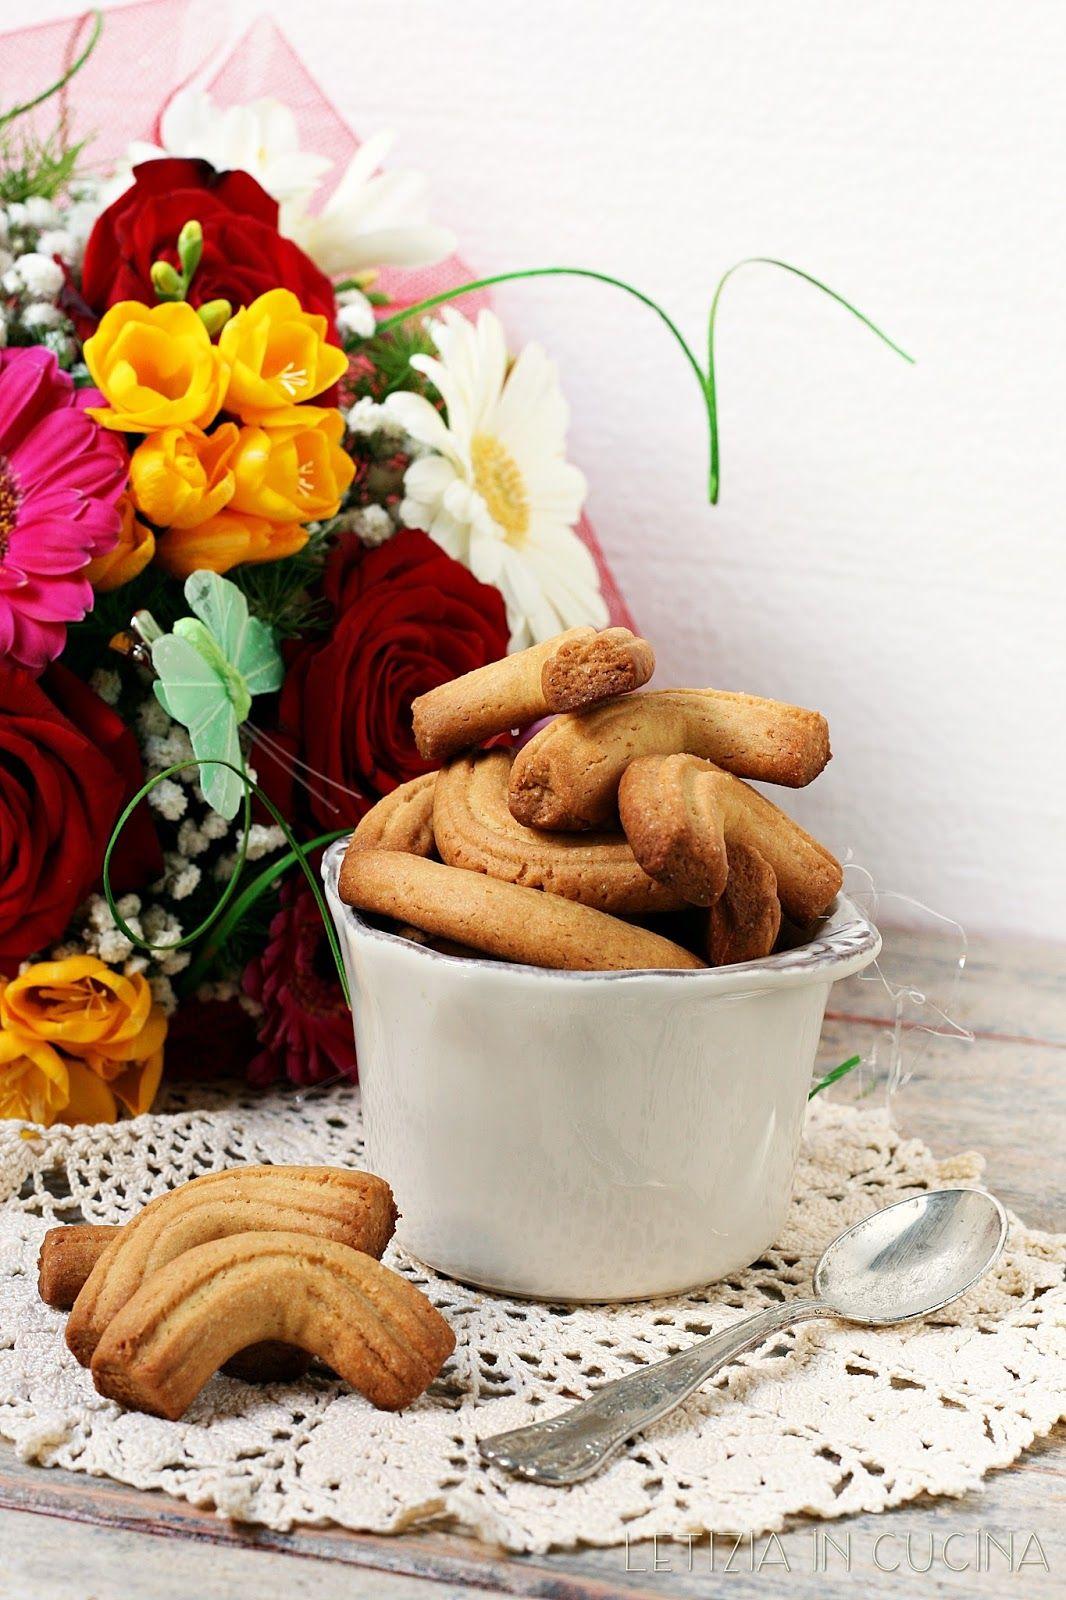 Letizia in Cucina: Krumiri - Cakes Lab | Biscotti | Pinterest | Labs ...